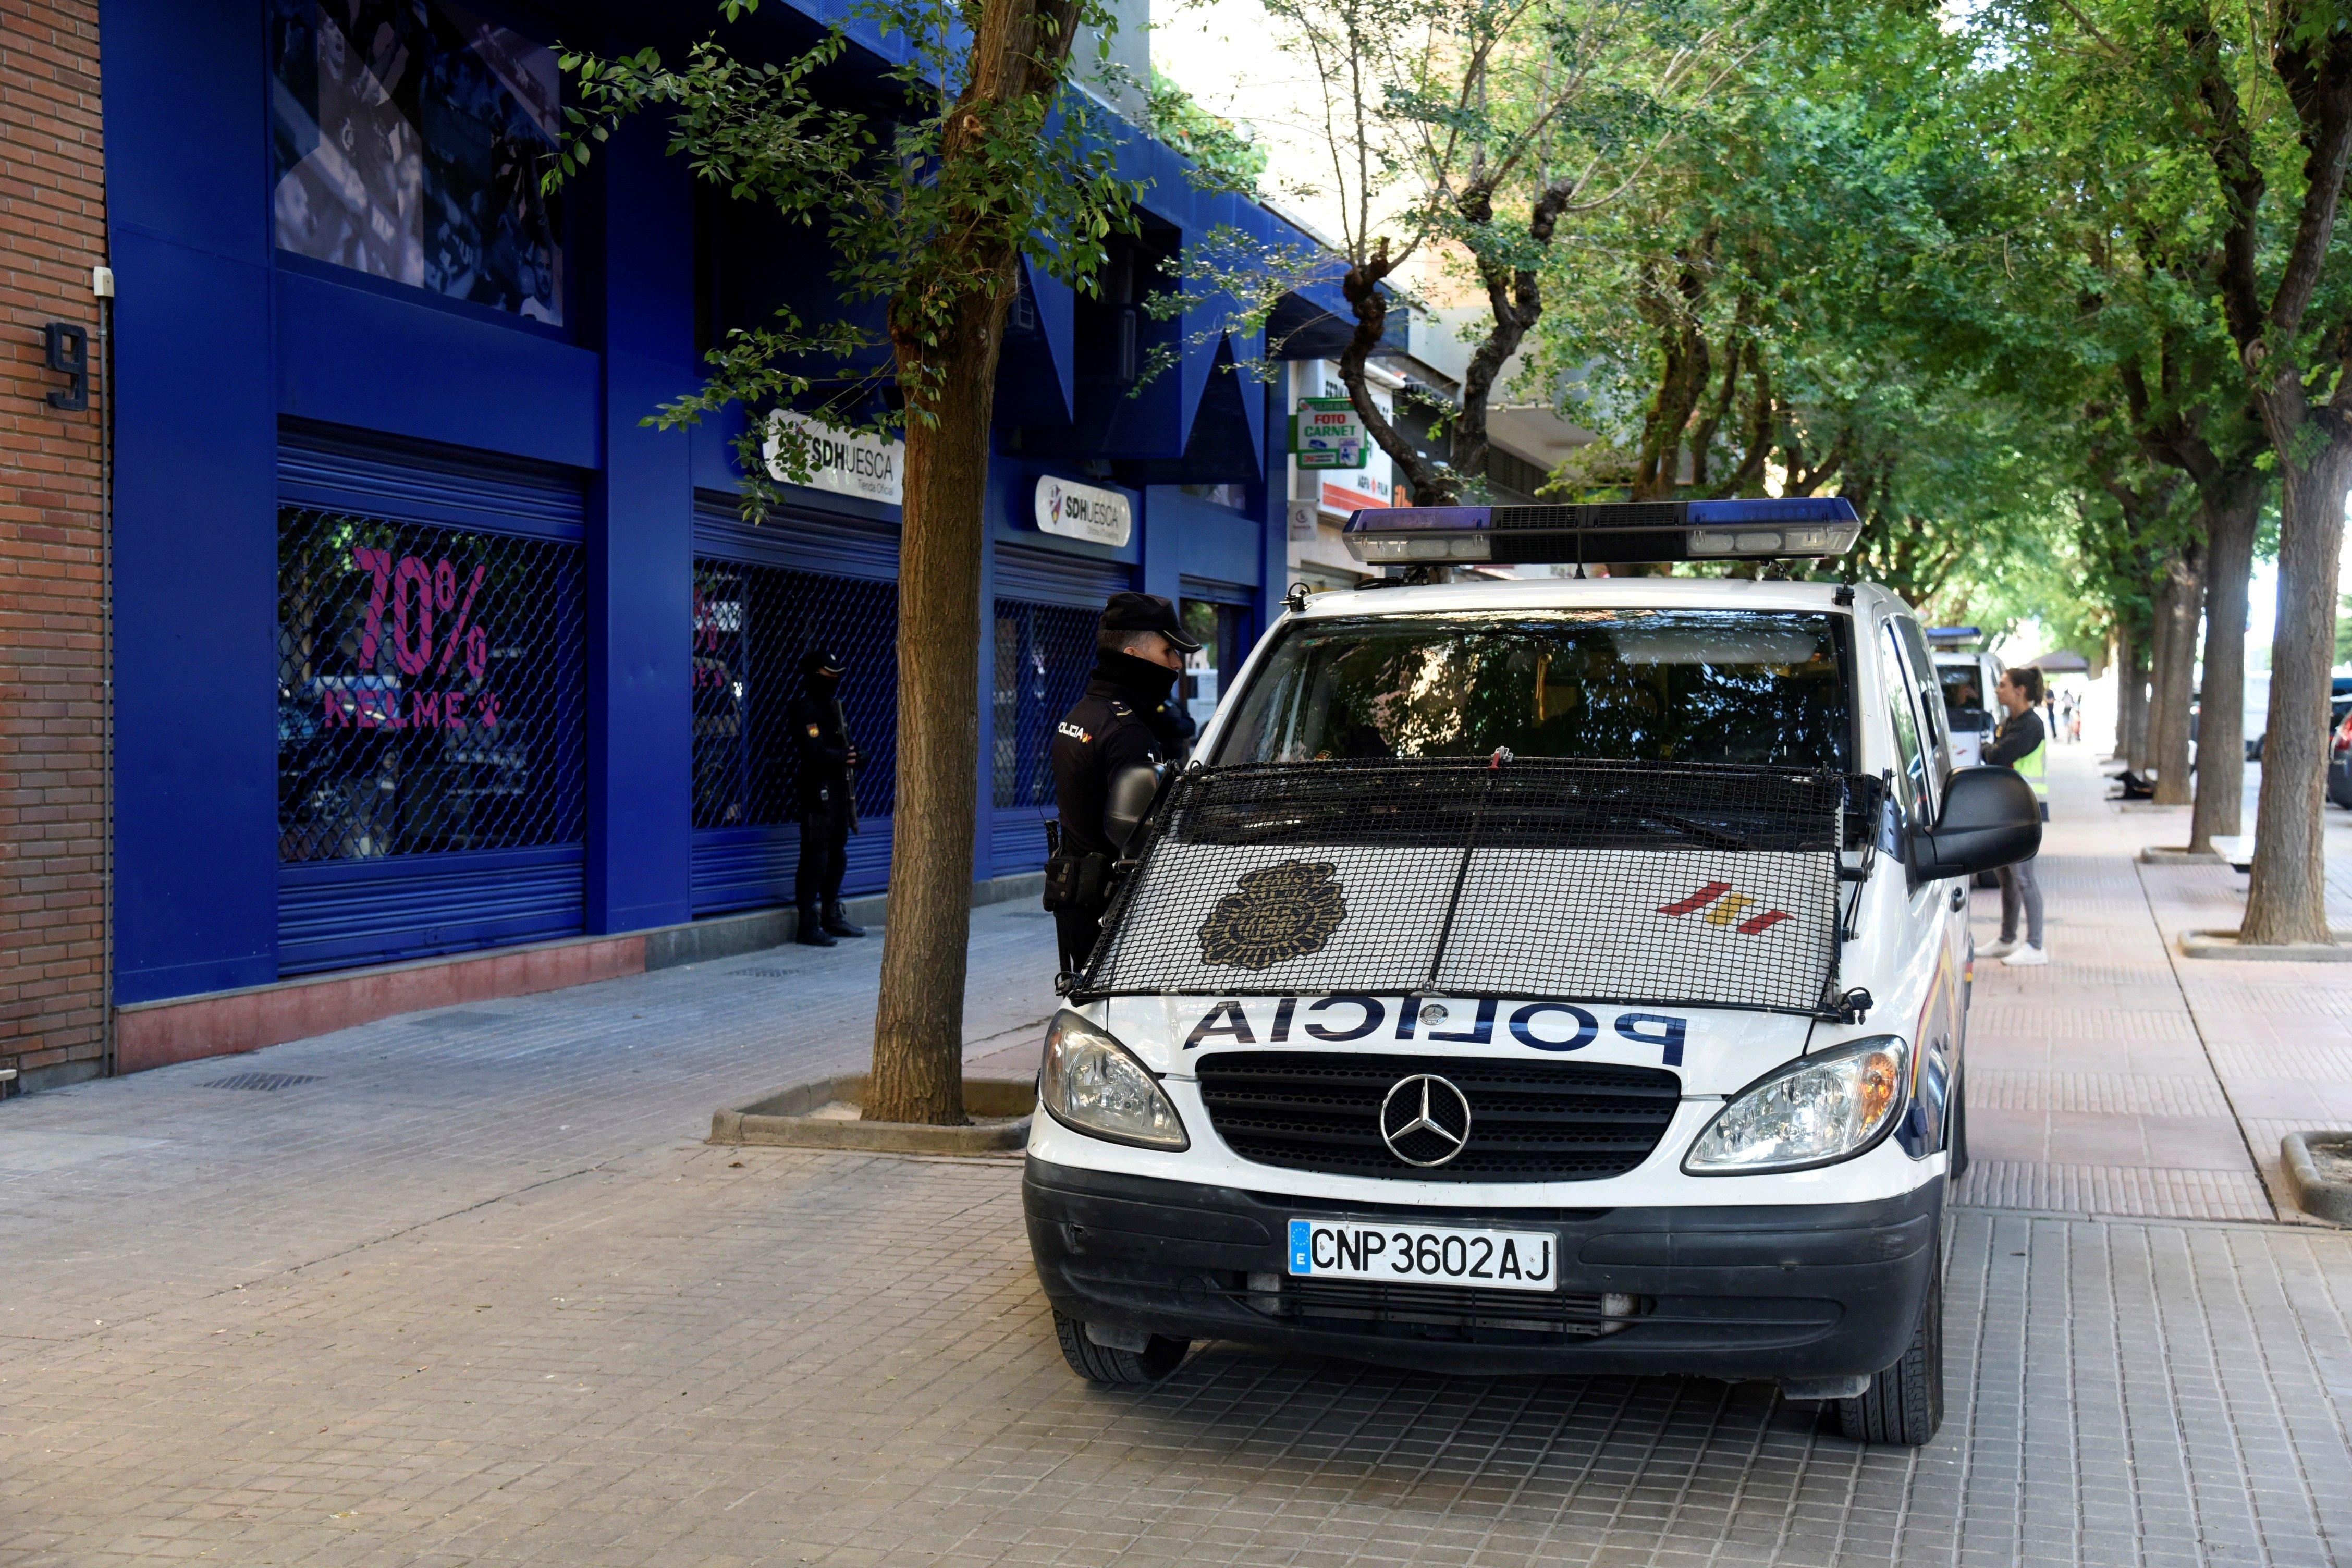 Policia Nacional seu Osca futbol EFE